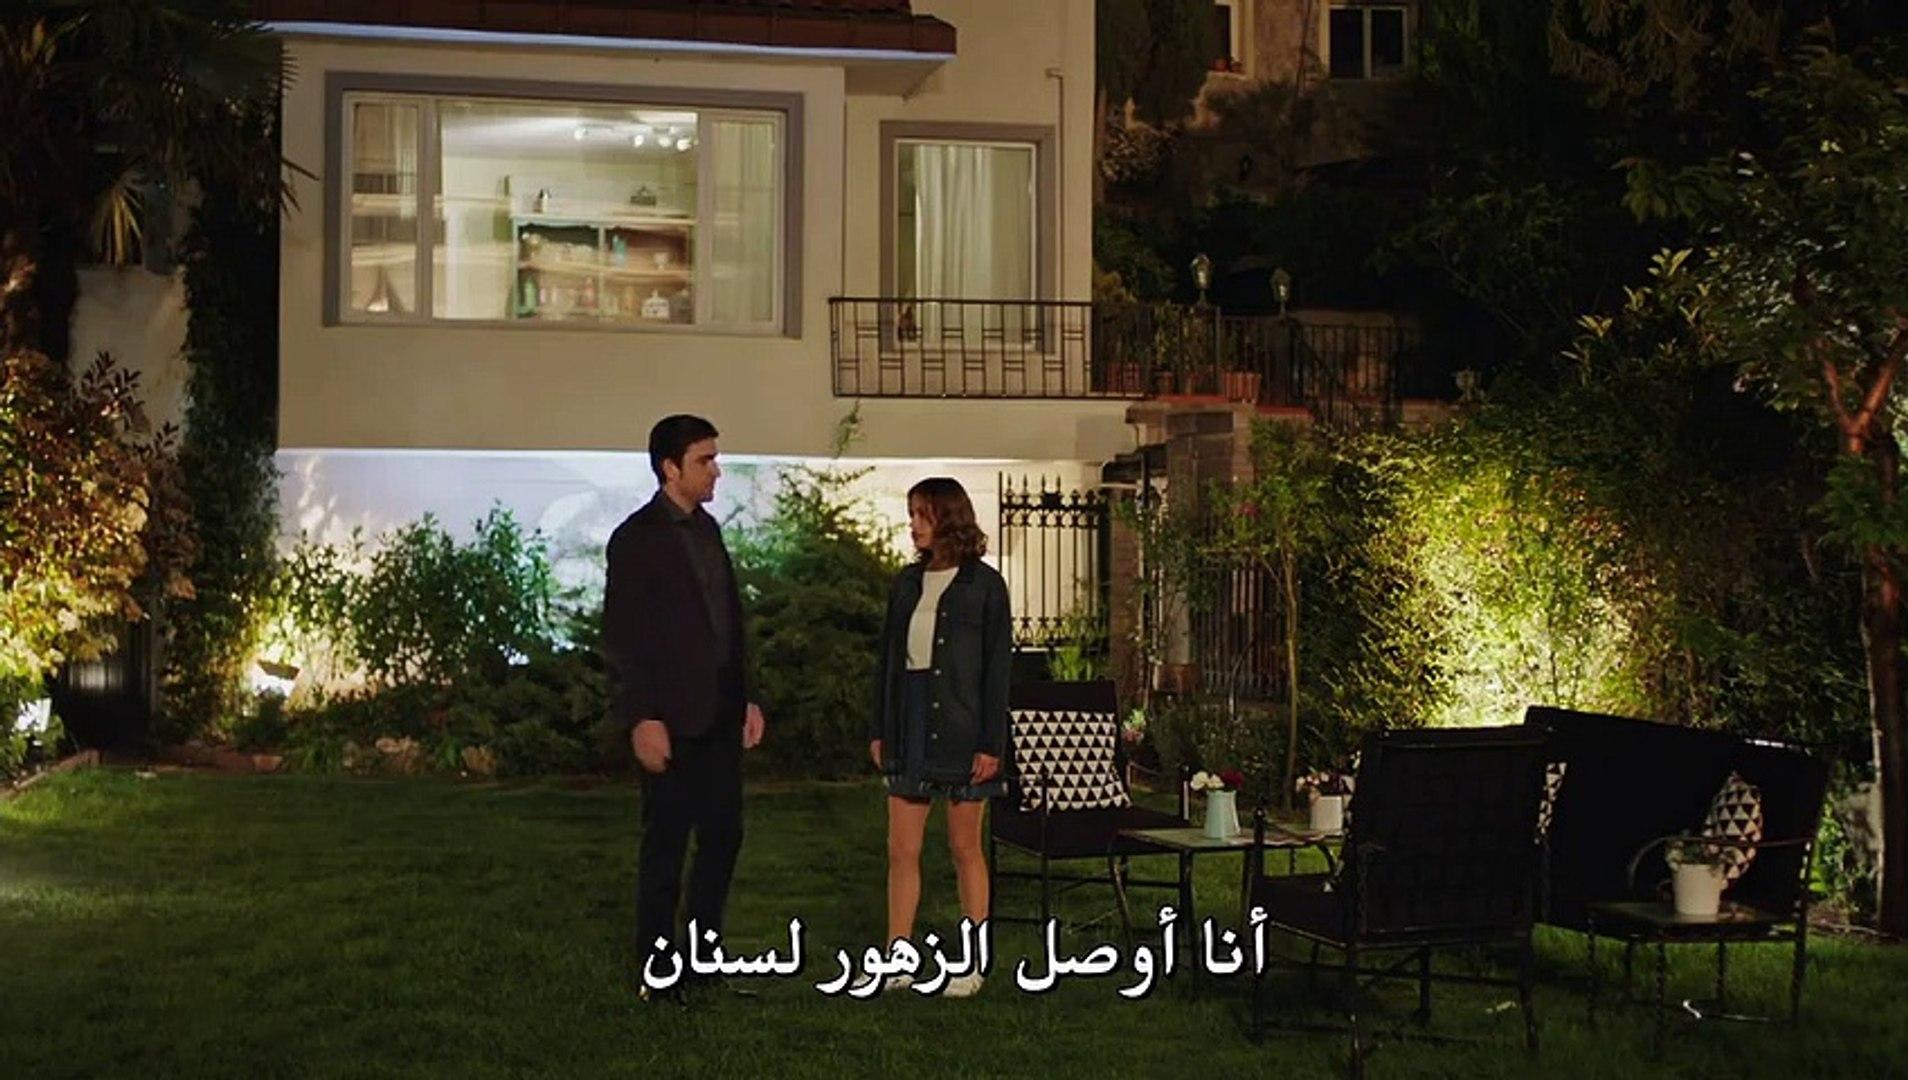 مسلسل زهرة الثالوث مترجم للعربية - الحلقة 33 - الجزء 3